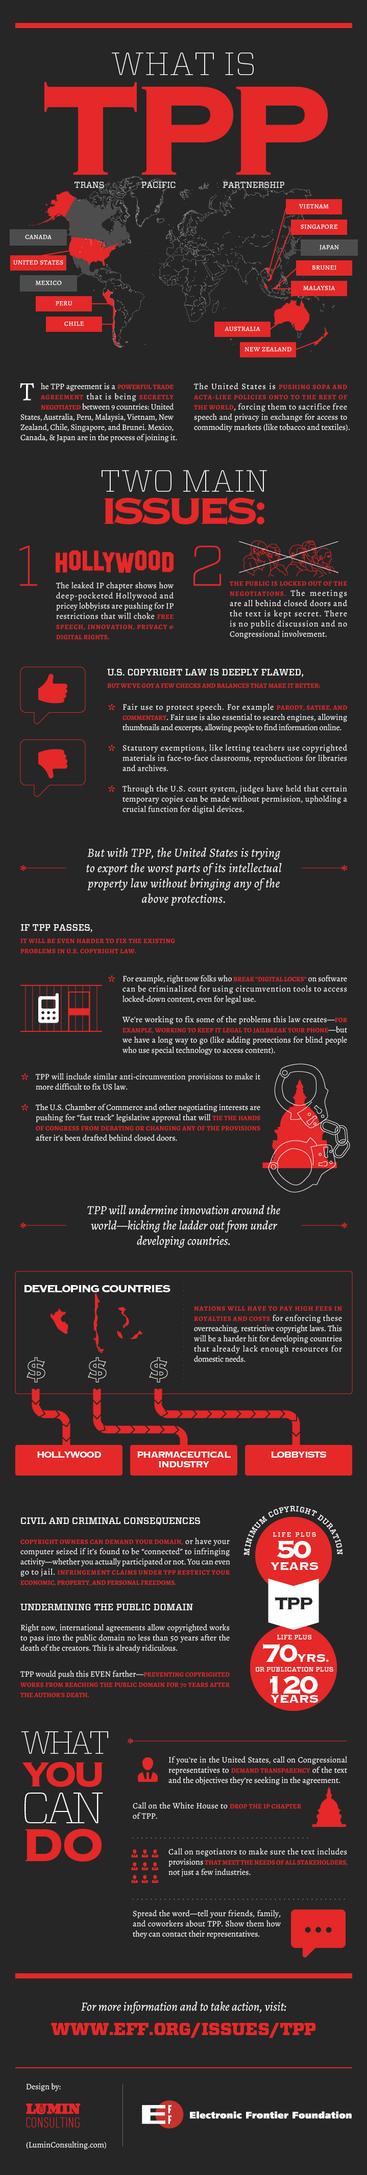 TPP--ACTA's Evil Twin!